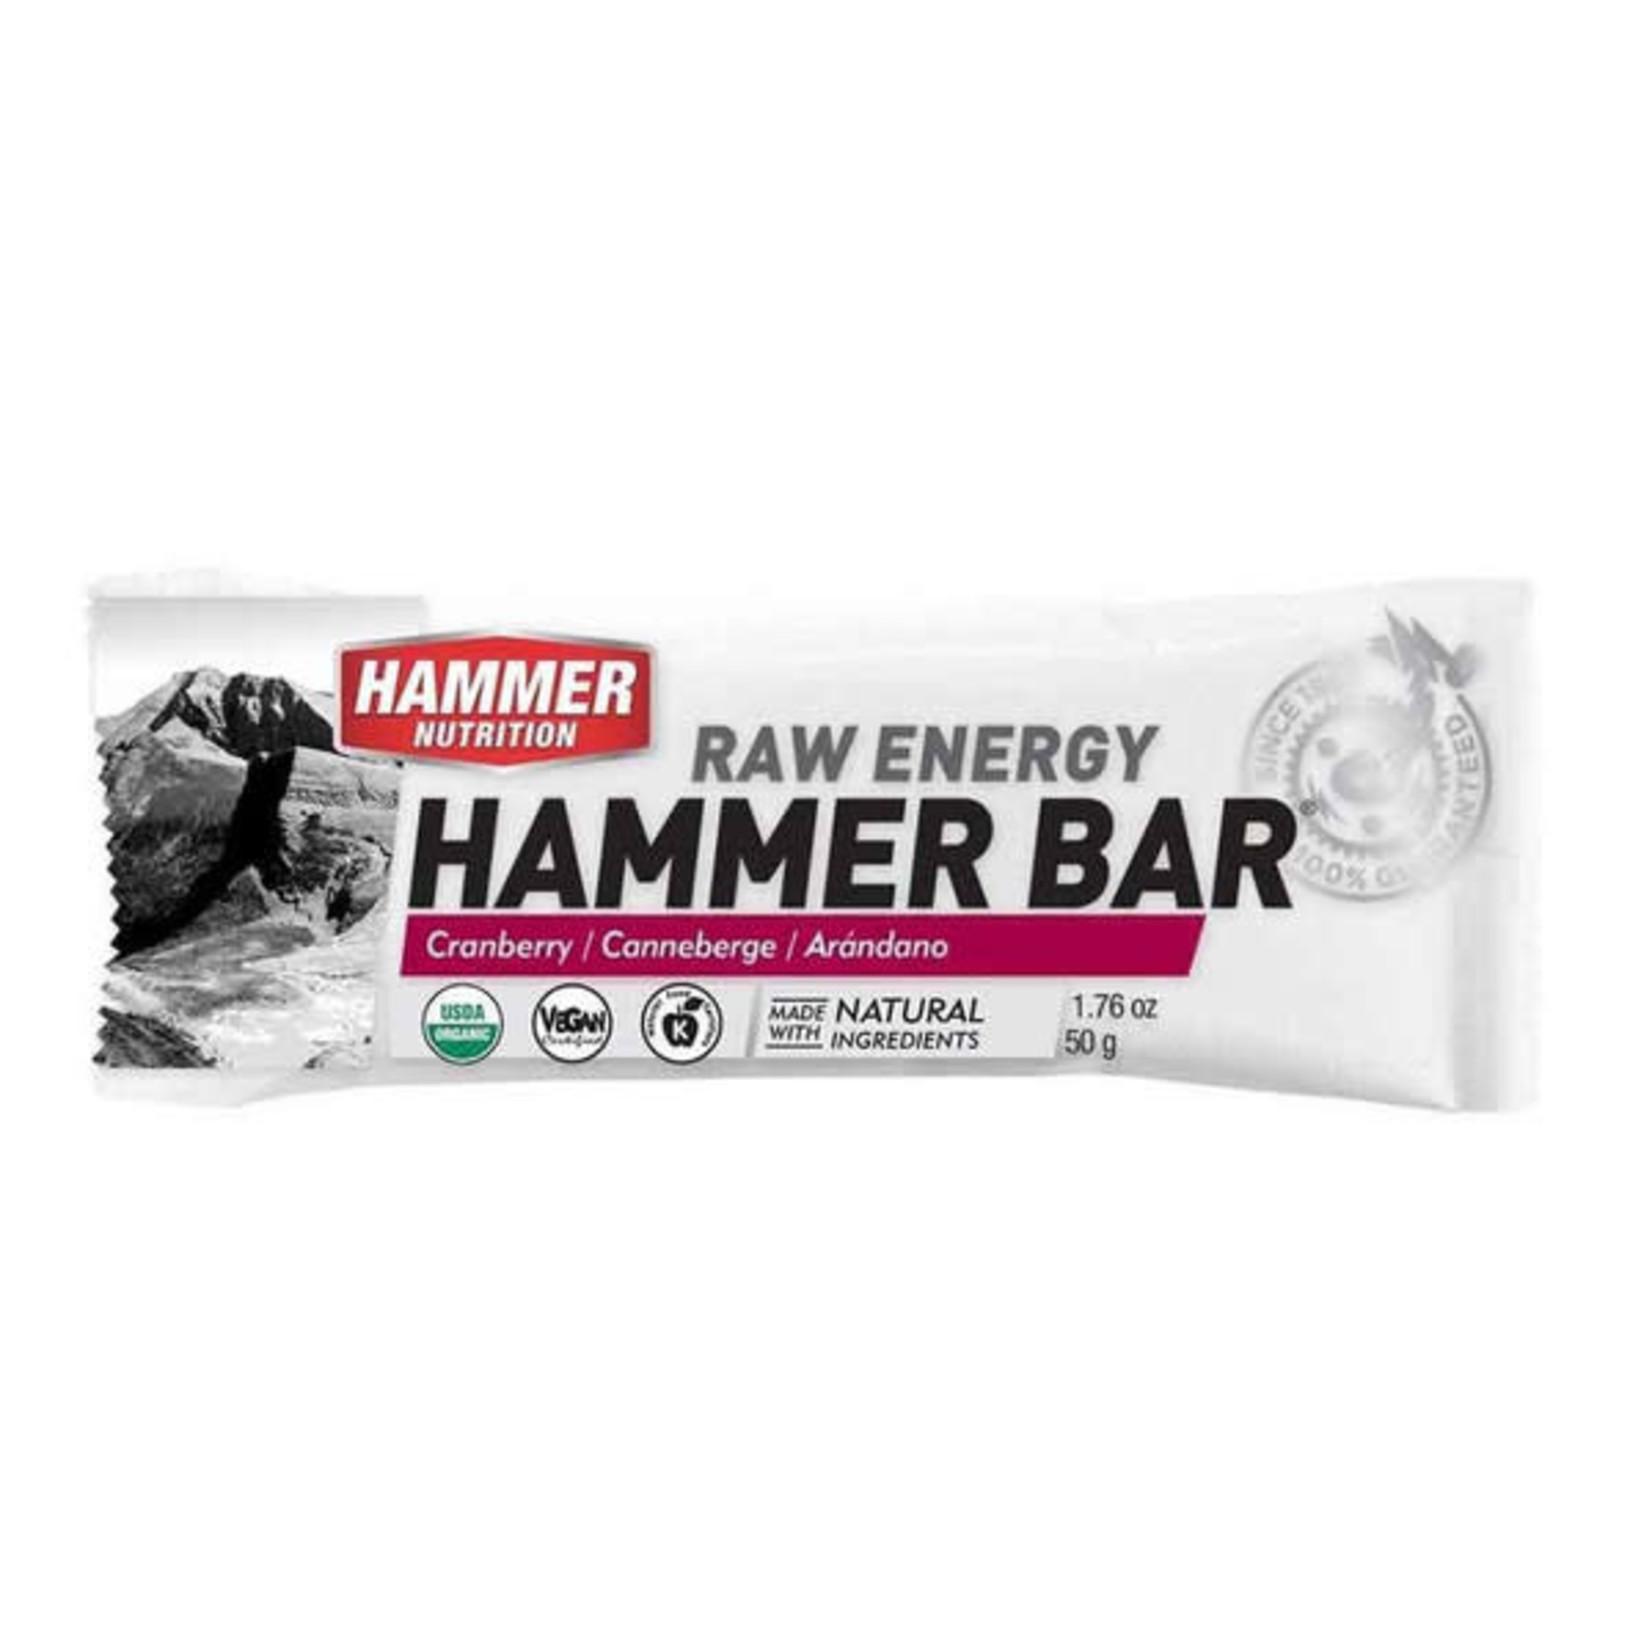 Hammer Nutrition Hammer Bar 1.76oz